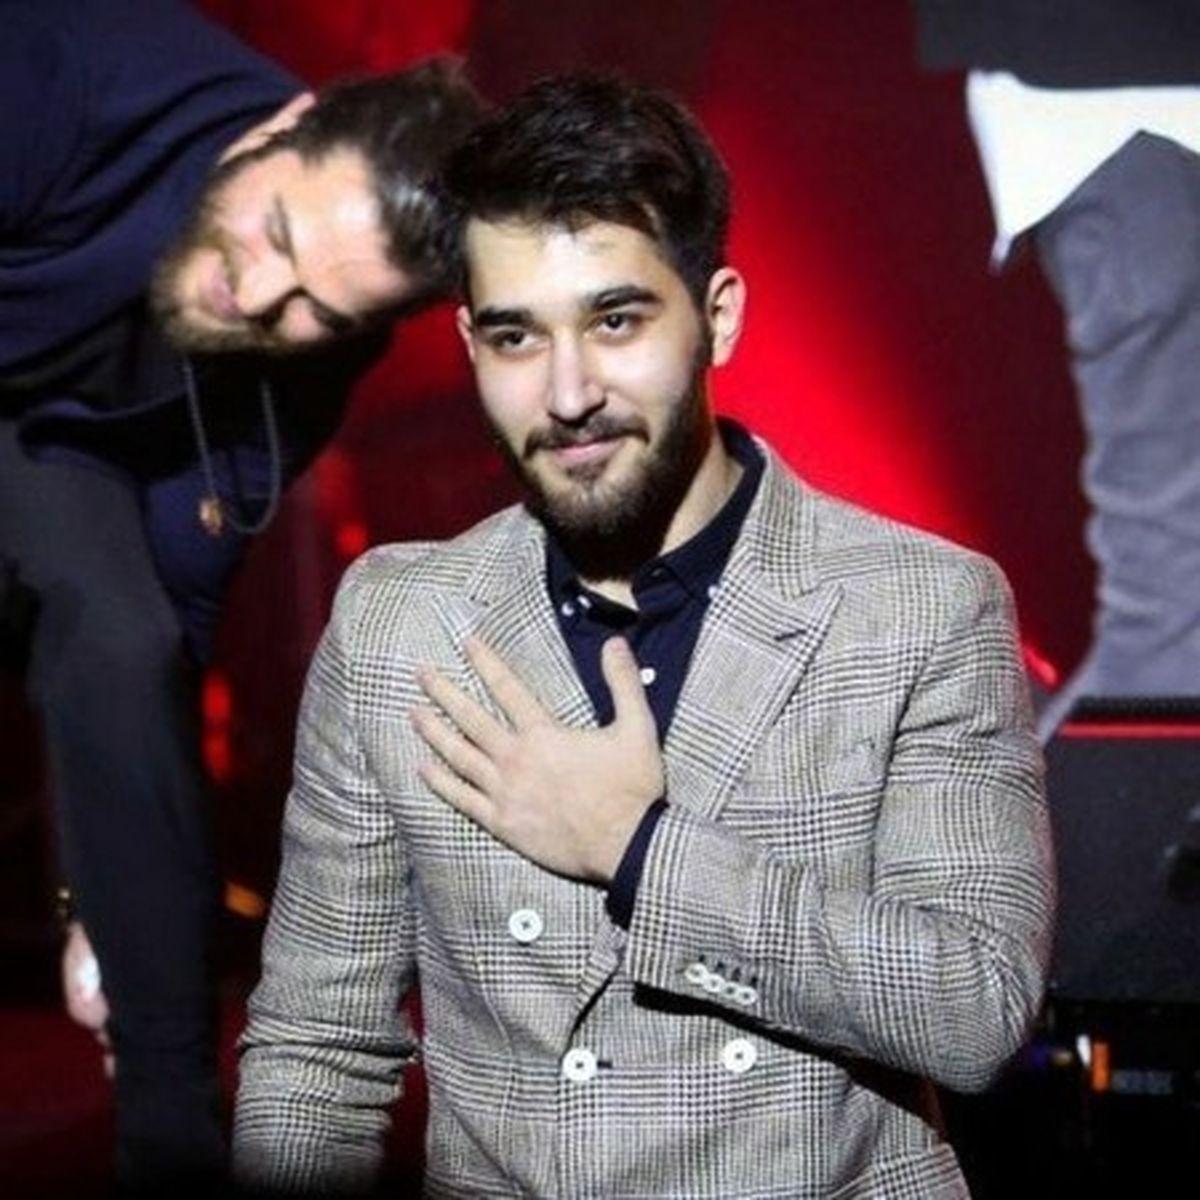 علی یاسینی خواننده جوان ایرانی مهاجرت کرد | بیوگرافی علی یاسینی